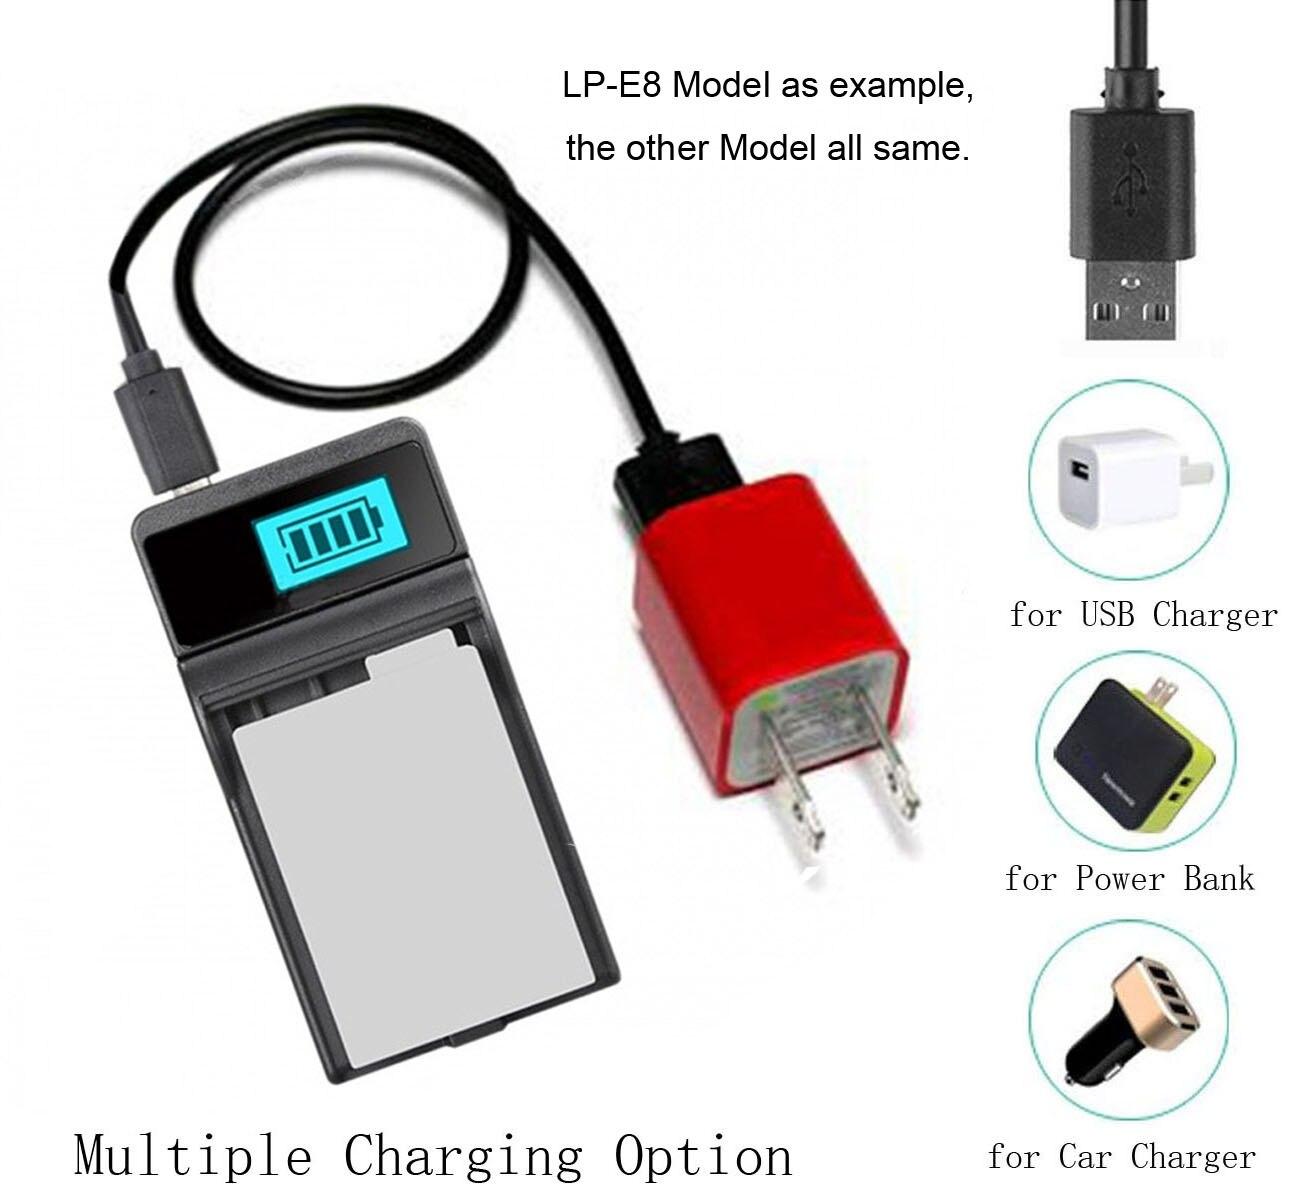 GR-D870U LCD USB Battery Charger for JVC GR-D850 GR-D850US GR-D850U GR-D870US Mini DV Digital Camcorder GR-D870